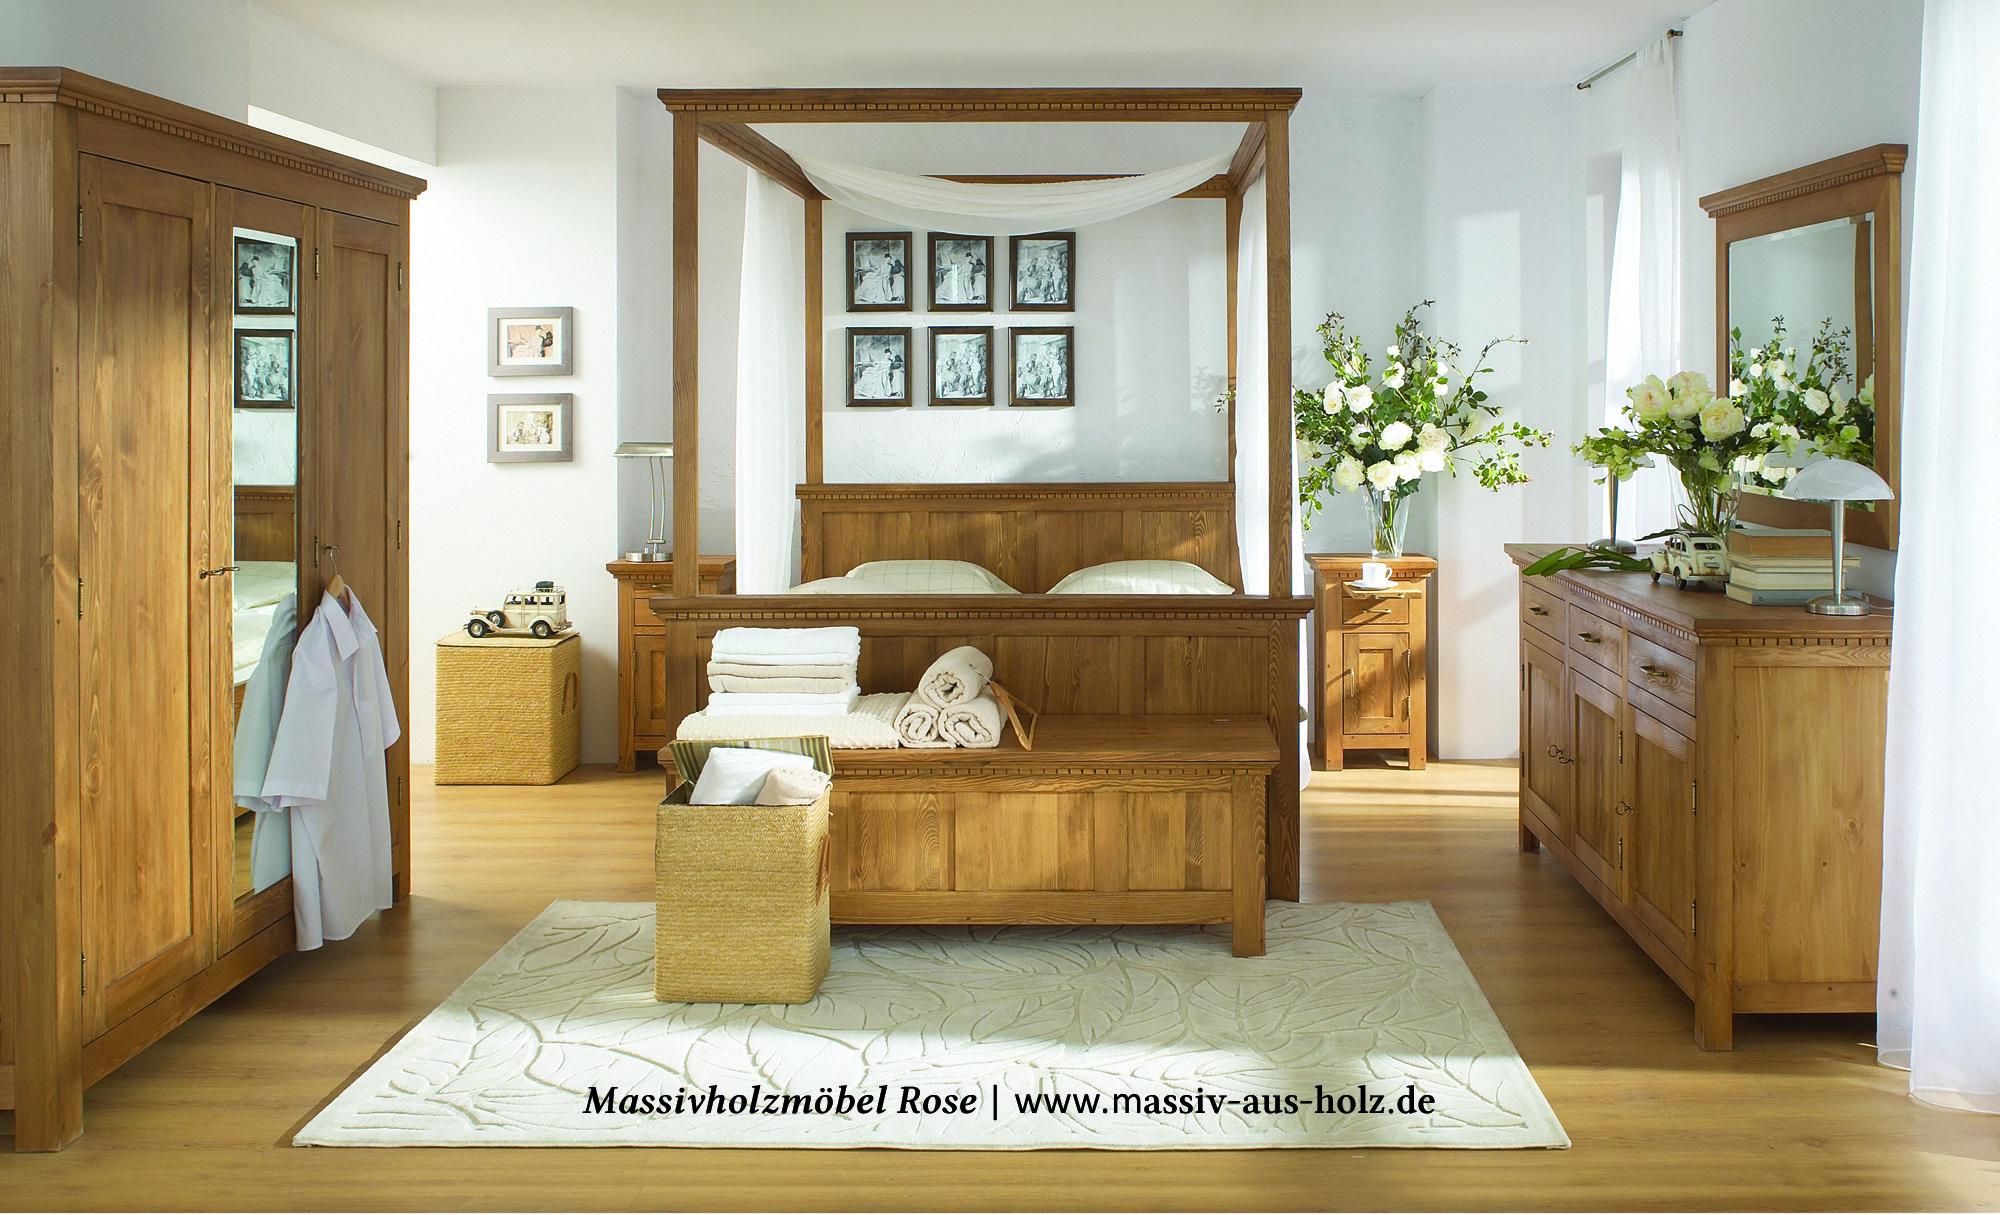 traumhaftes himmelbett bei wohnen schlafen massivholz. Black Bedroom Furniture Sets. Home Design Ideas